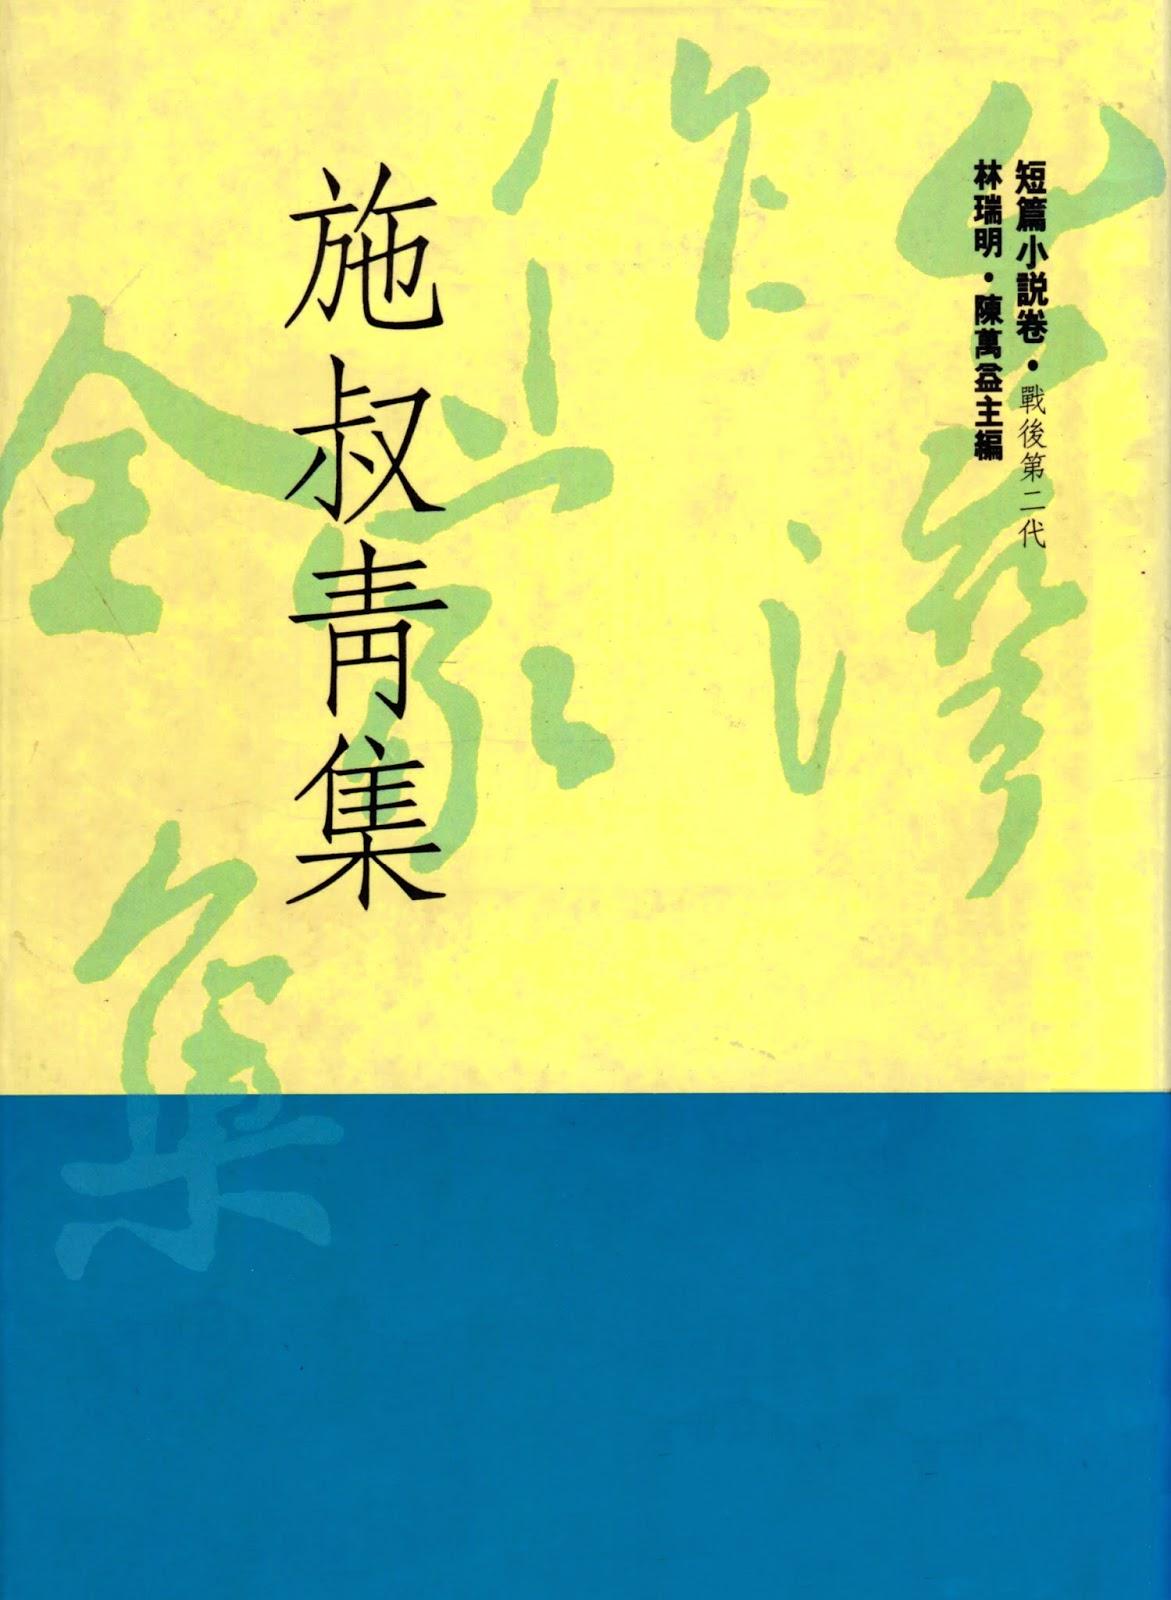 Collection: Shih Shu-ching